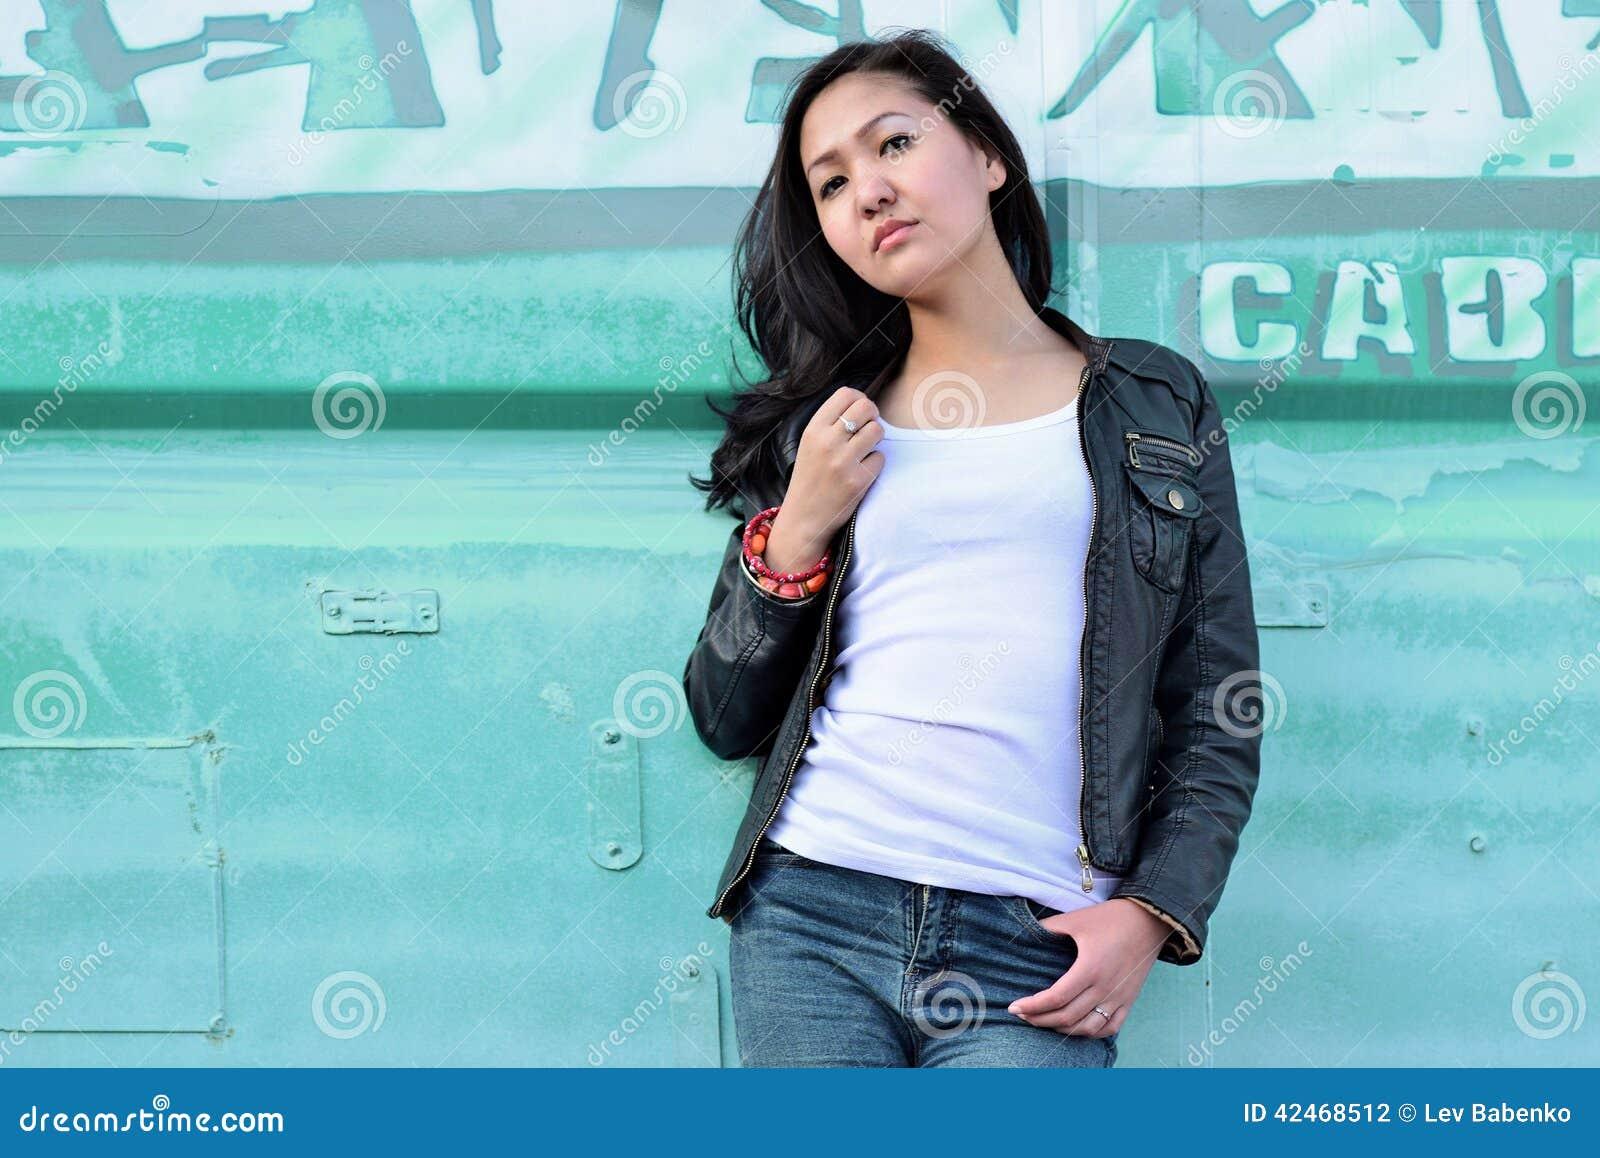 Sinnlichkeitsfrau Im Weissen T Shirt In Der Schwarzen Lederjacke In